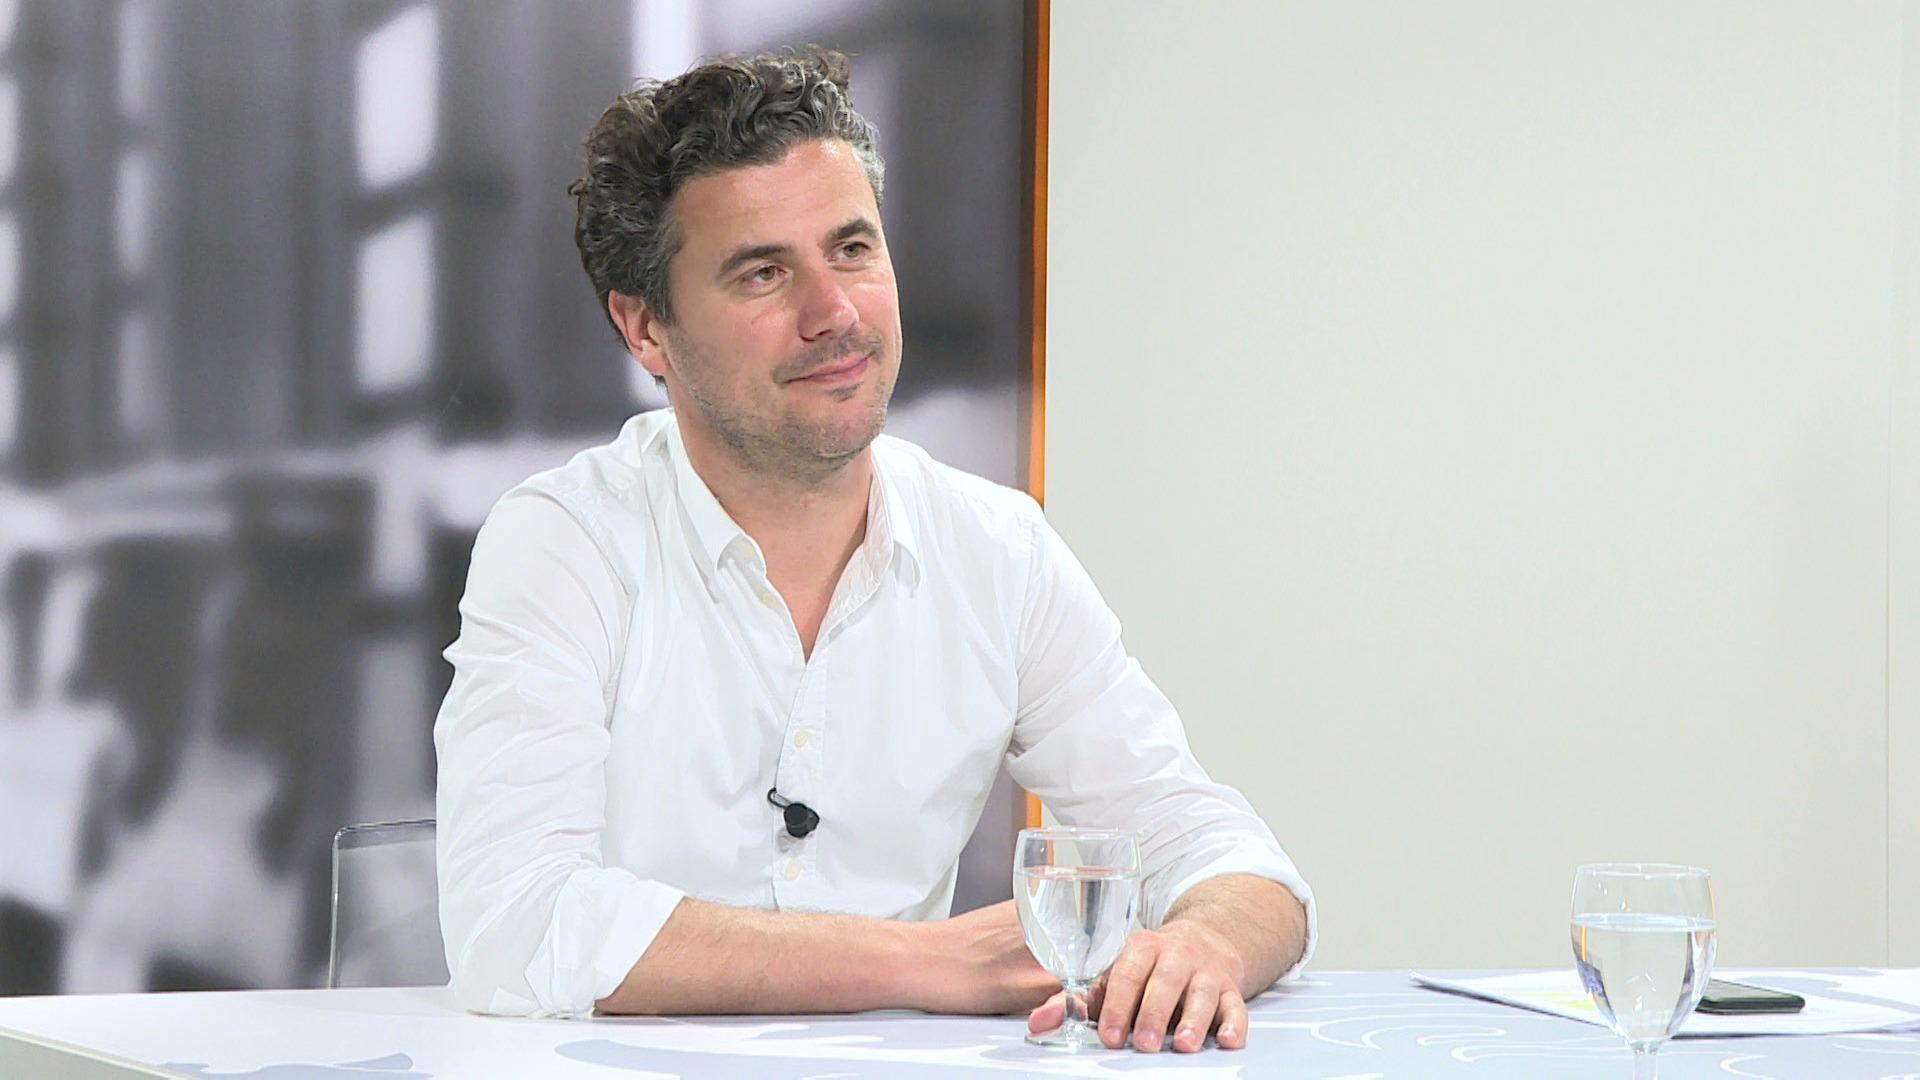 Studio Vlaams Parlement: Joris Vandenbroucke over de nieuwe berekening voor sociale huurprijzen